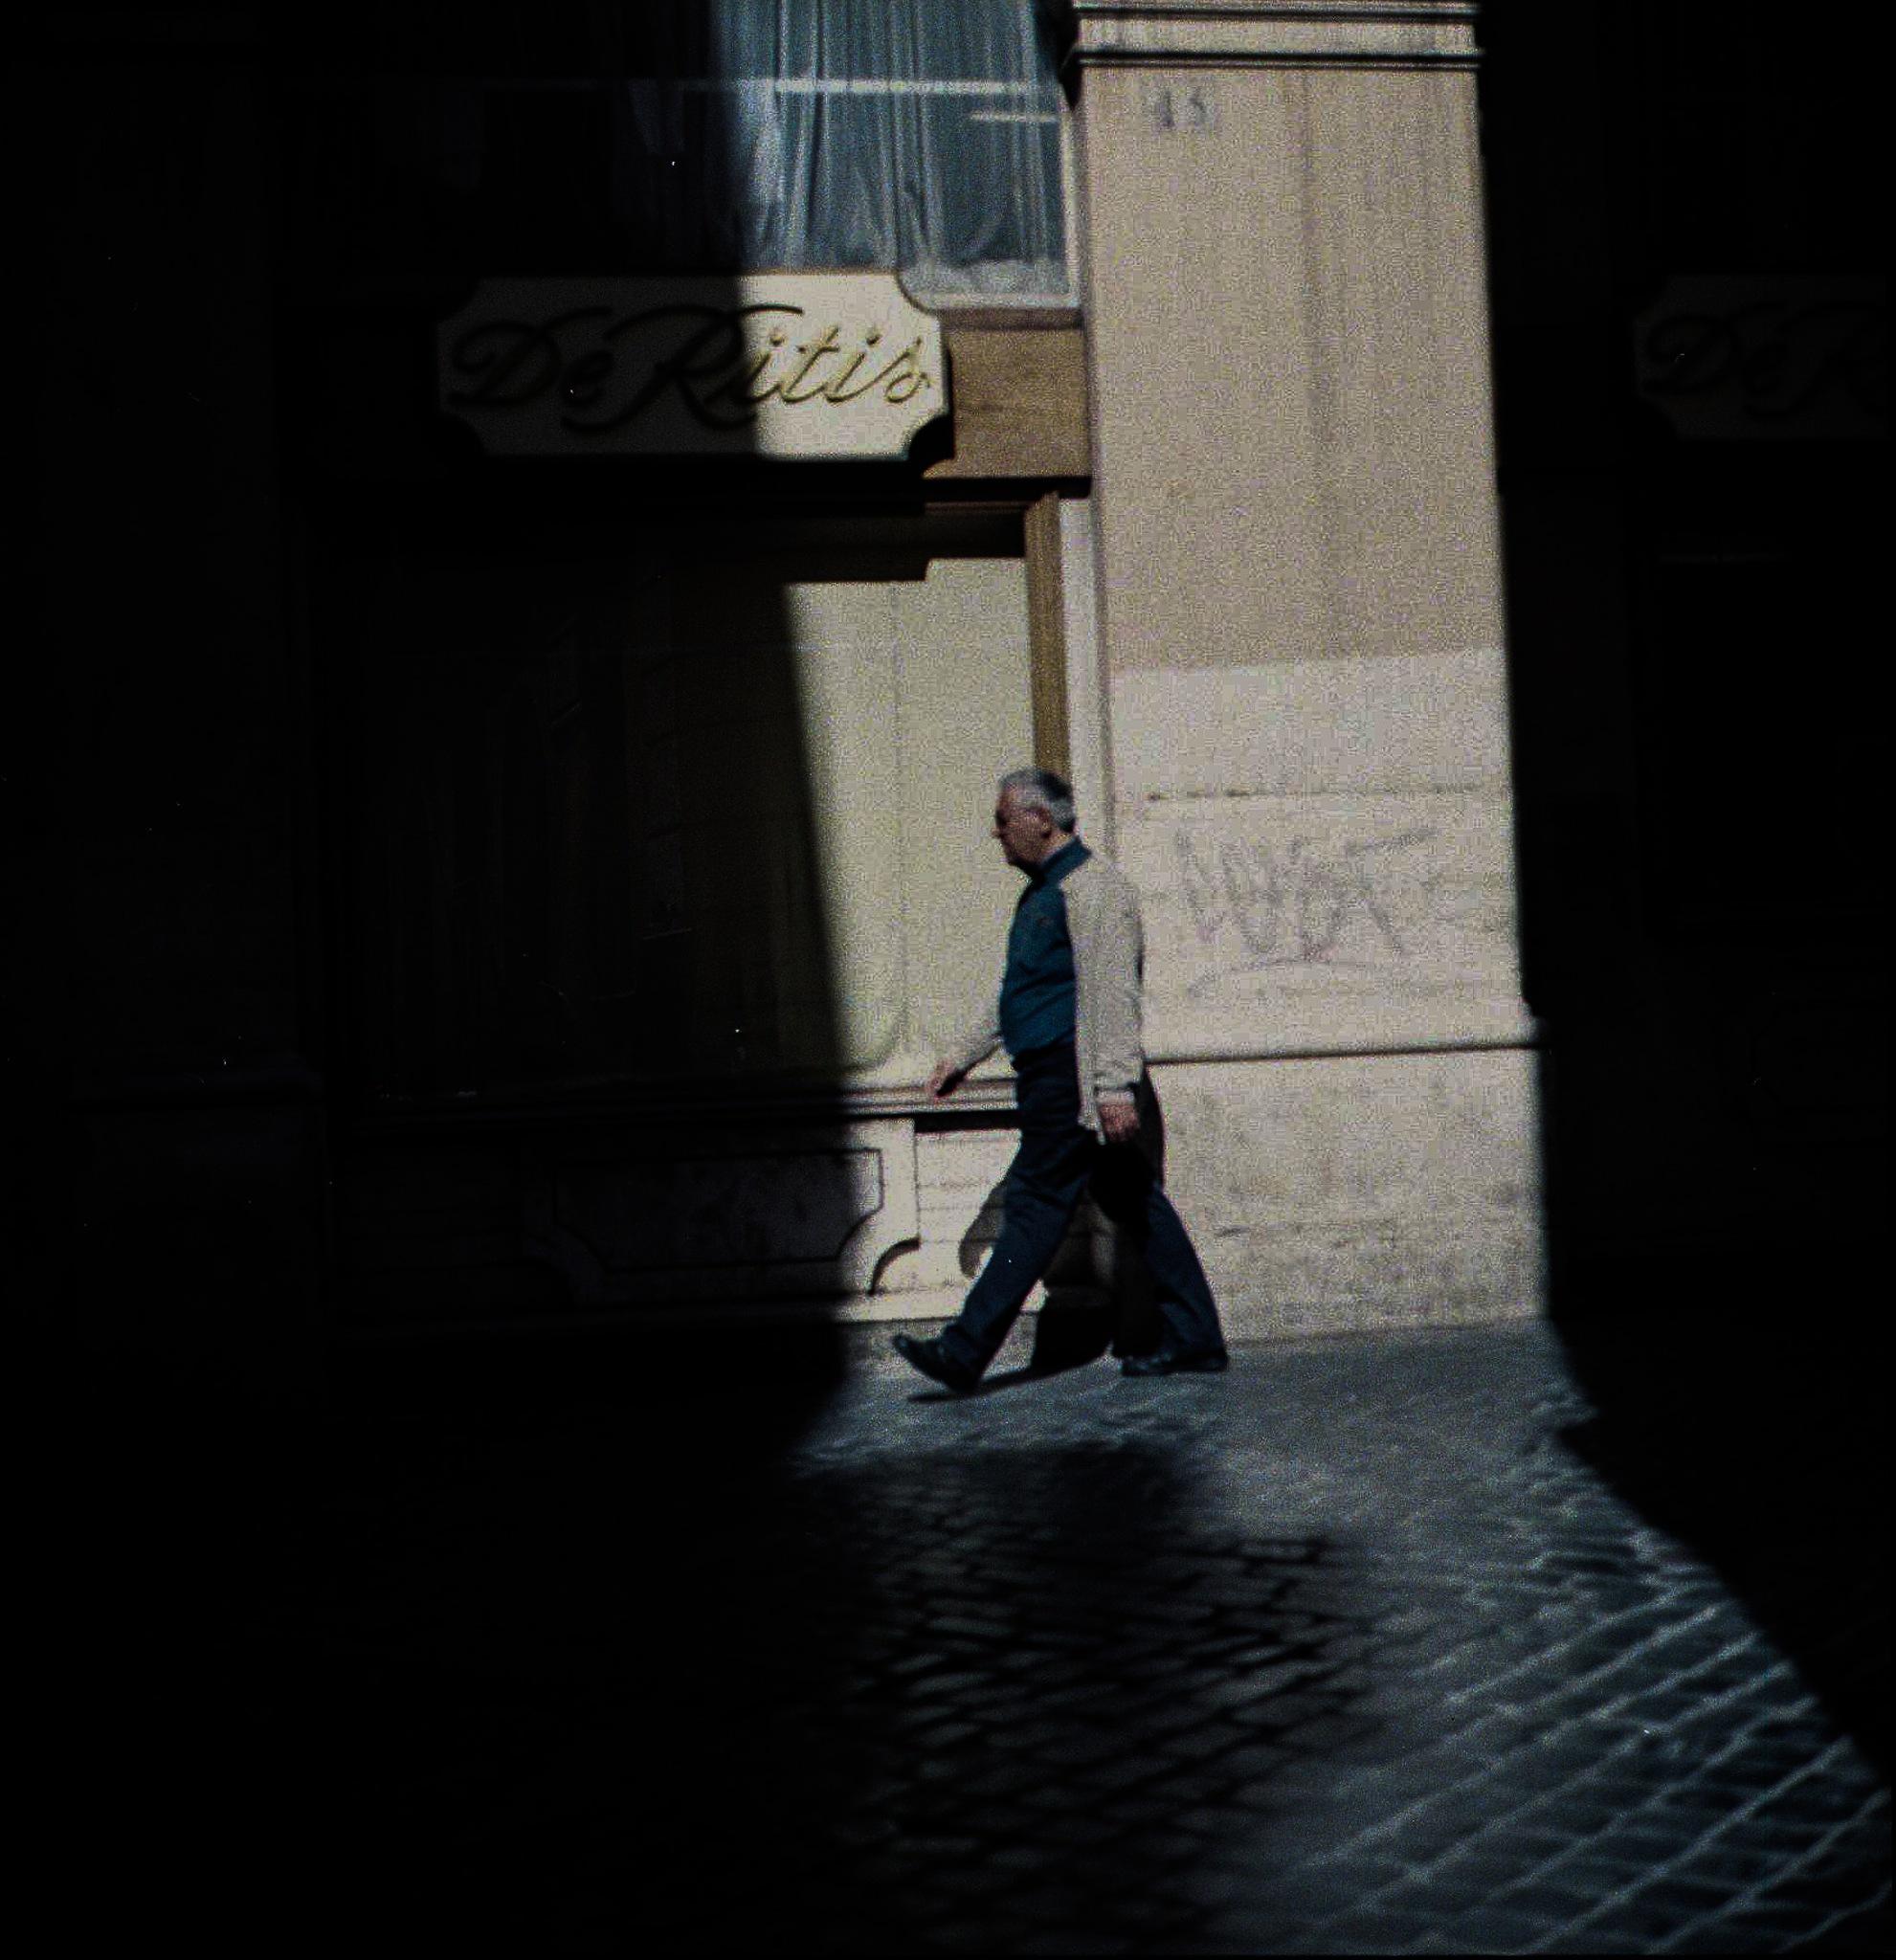 Man walking by Jaie Miller